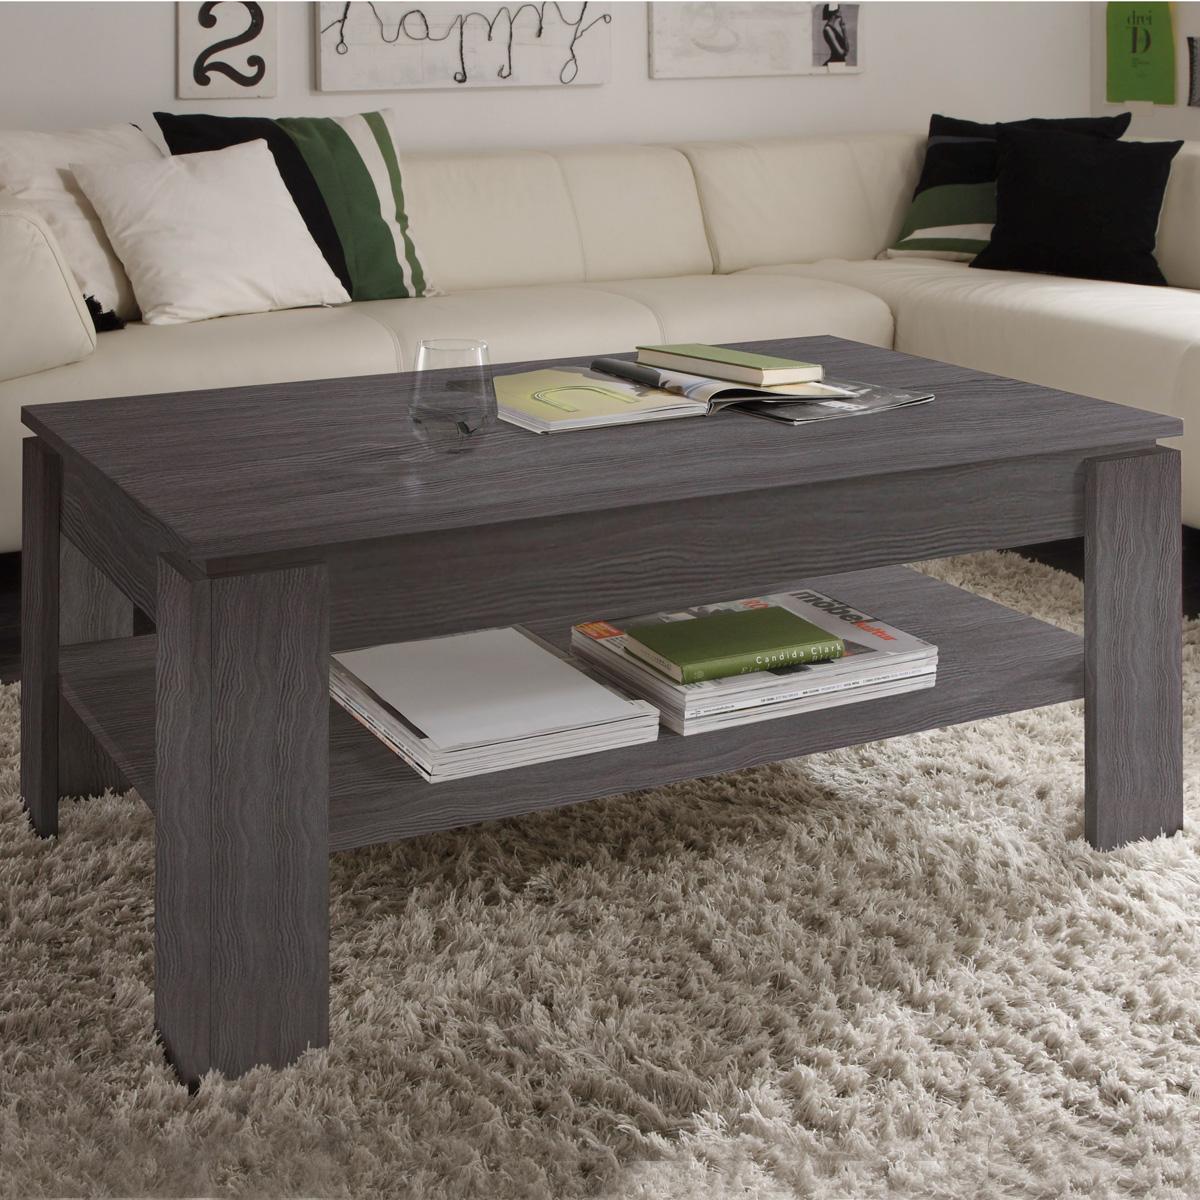 Couchtisch universal mit ablage wohnzimmer tisch for Stubentisch wohnzimmer